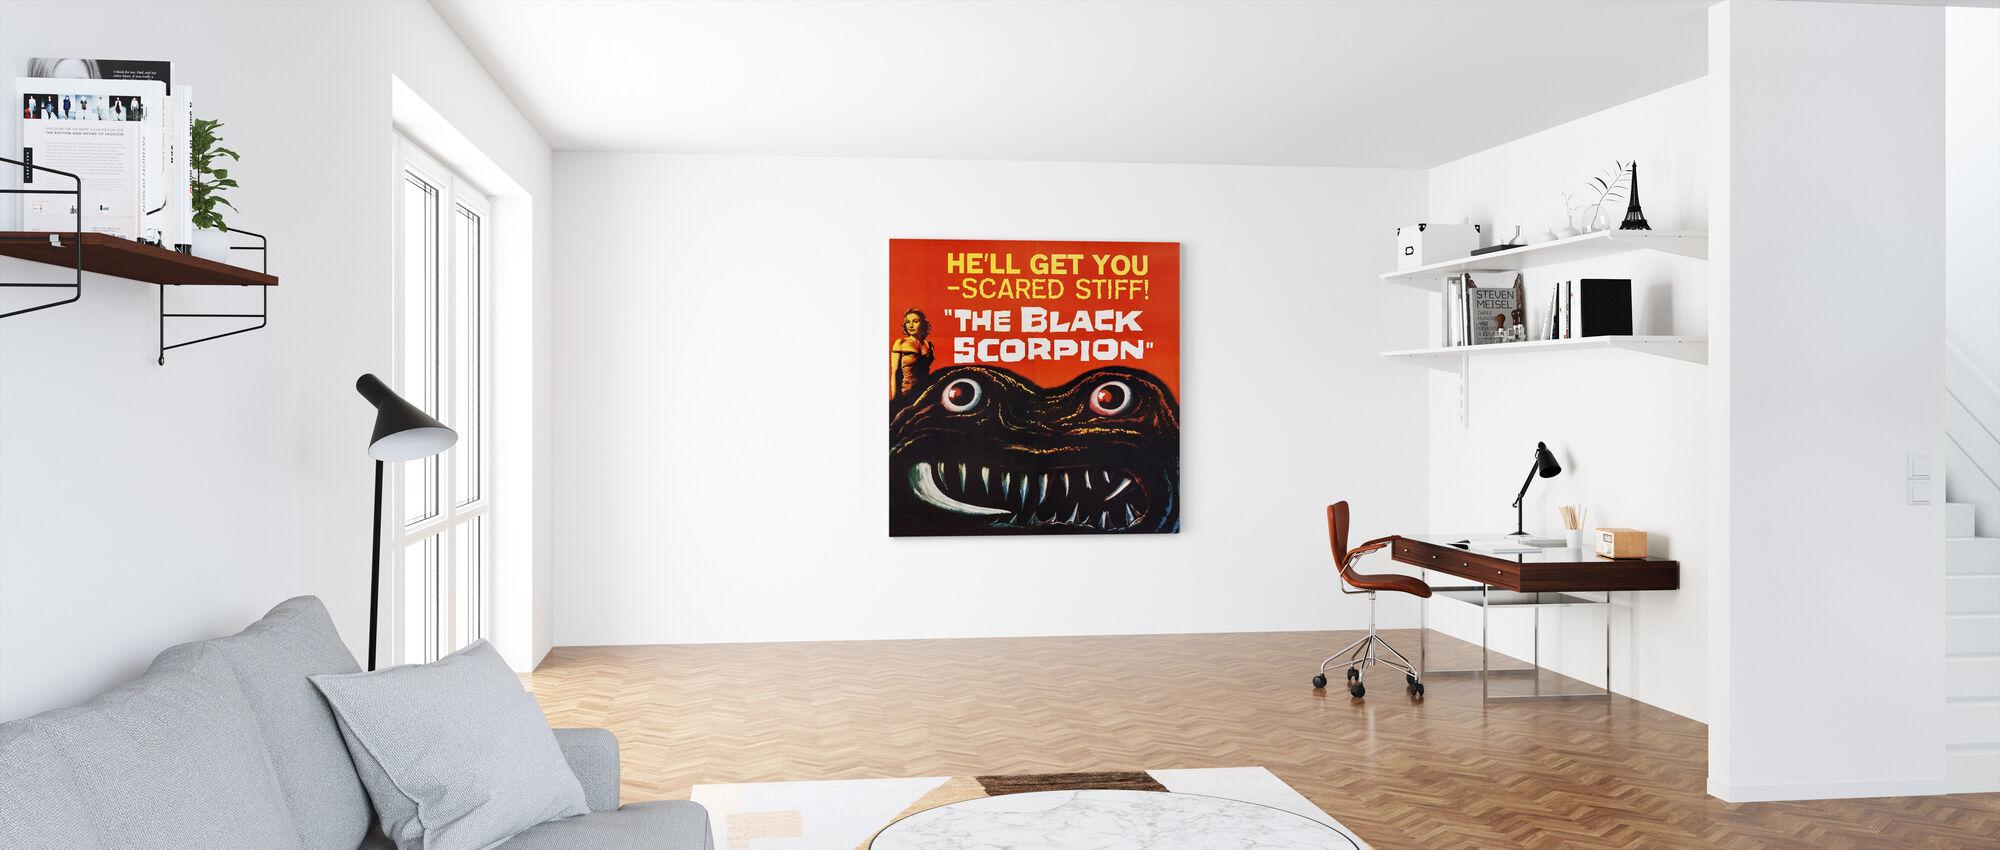 Black Scorpion - Canvas print - Office